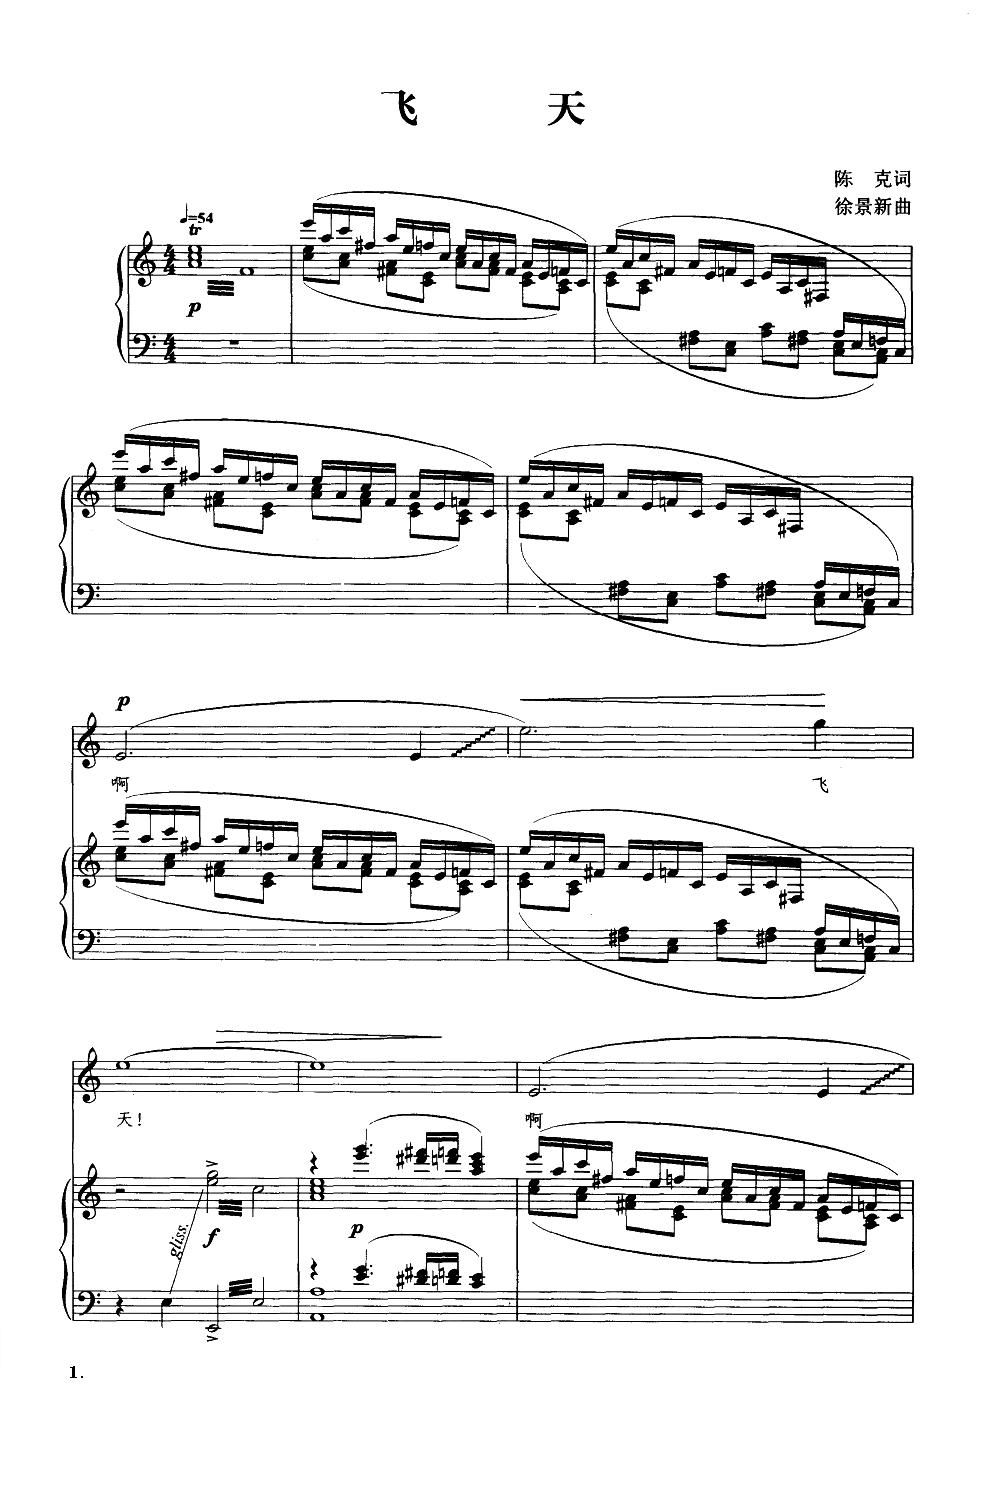 飞天(钢琴伴奏谱)